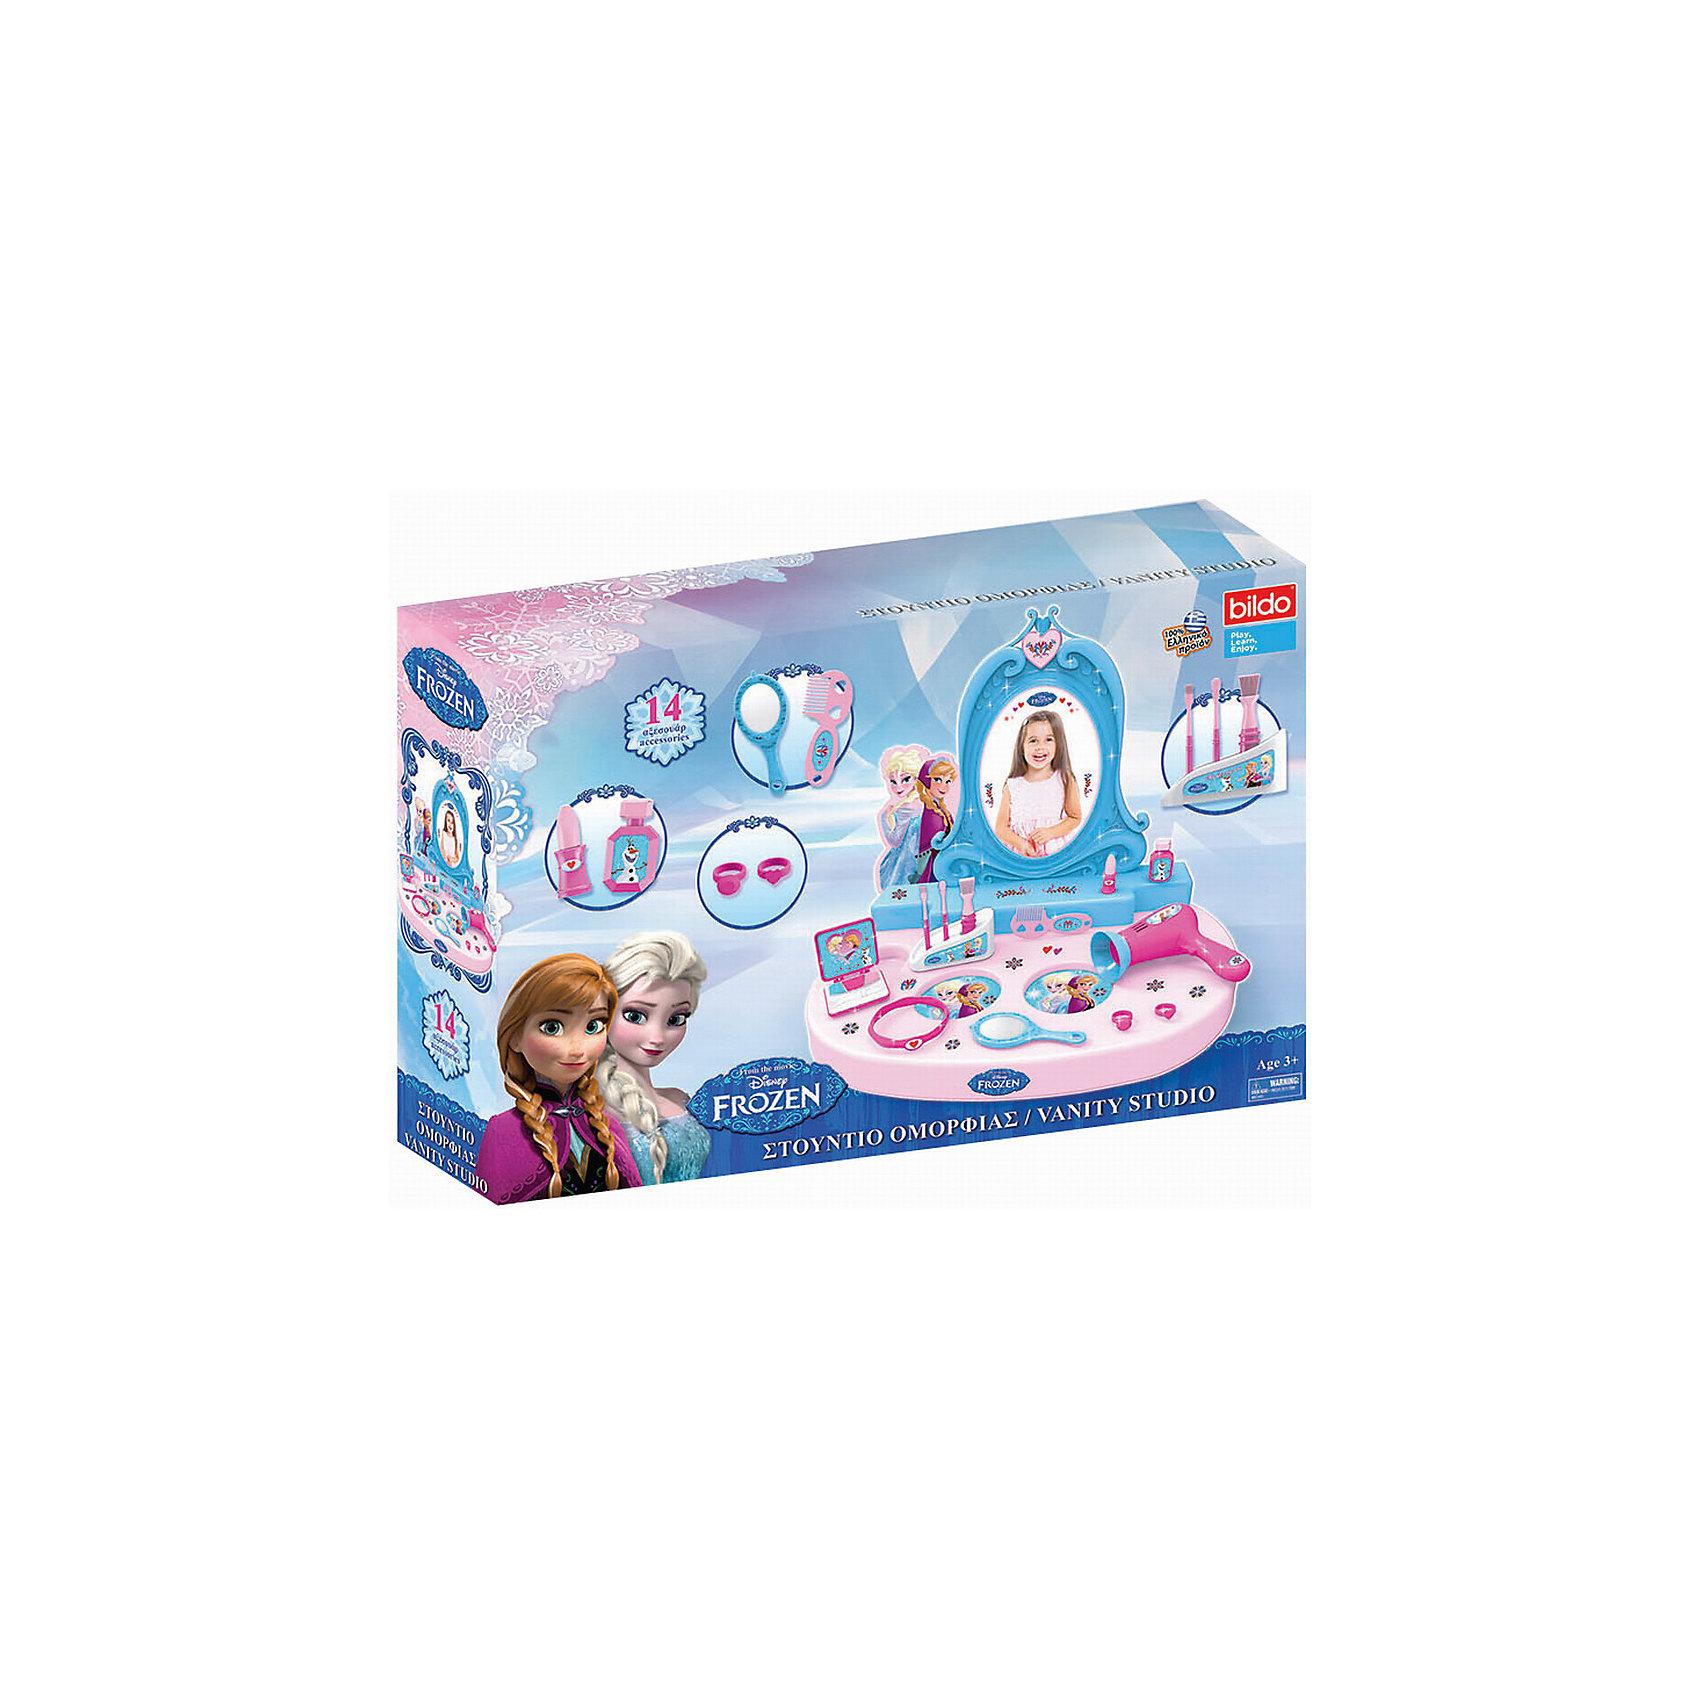 Игровая парикмахерская Холодное сердце, BildoХолодное Сердце<br>Игровая парикмахерская Холодное сердце, Bildo.<br><br>Характеристики:<br><br>- В наборе: столик с зеркалом, 14 аксессуаров, наклейки<br>- Материал: пластик<br><br>В игровой набор парикмахерская Холодное сердце, входит 14 аксессуаров для реалистичной игры, включая расческу, зеркало, фен, кольца и имитацию макияжа. Маленькой леди очень понравиться большое зеркало для макияжа. Великолепная парикмахерская Холодное сердце от Bildo не даст вашей девочке заскучать и позволит ей почувствовать себя настоящим стилистом. А декоративные наклейки сделают игру более увлекательной. Все элементы набора изготовлены из качественного безопасного пластика.<br><br>Игровую парикмахерскую Холодное сердце, Bildo можно купить в нашем интернет-магазине.<br><br>Ширина мм: 500<br>Глубина мм: 350<br>Высота мм: 90<br>Вес г: 850<br>Возраст от месяцев: 36<br>Возраст до месяцев: 60<br>Пол: Женский<br>Возраст: Детский<br>SKU: 5054124